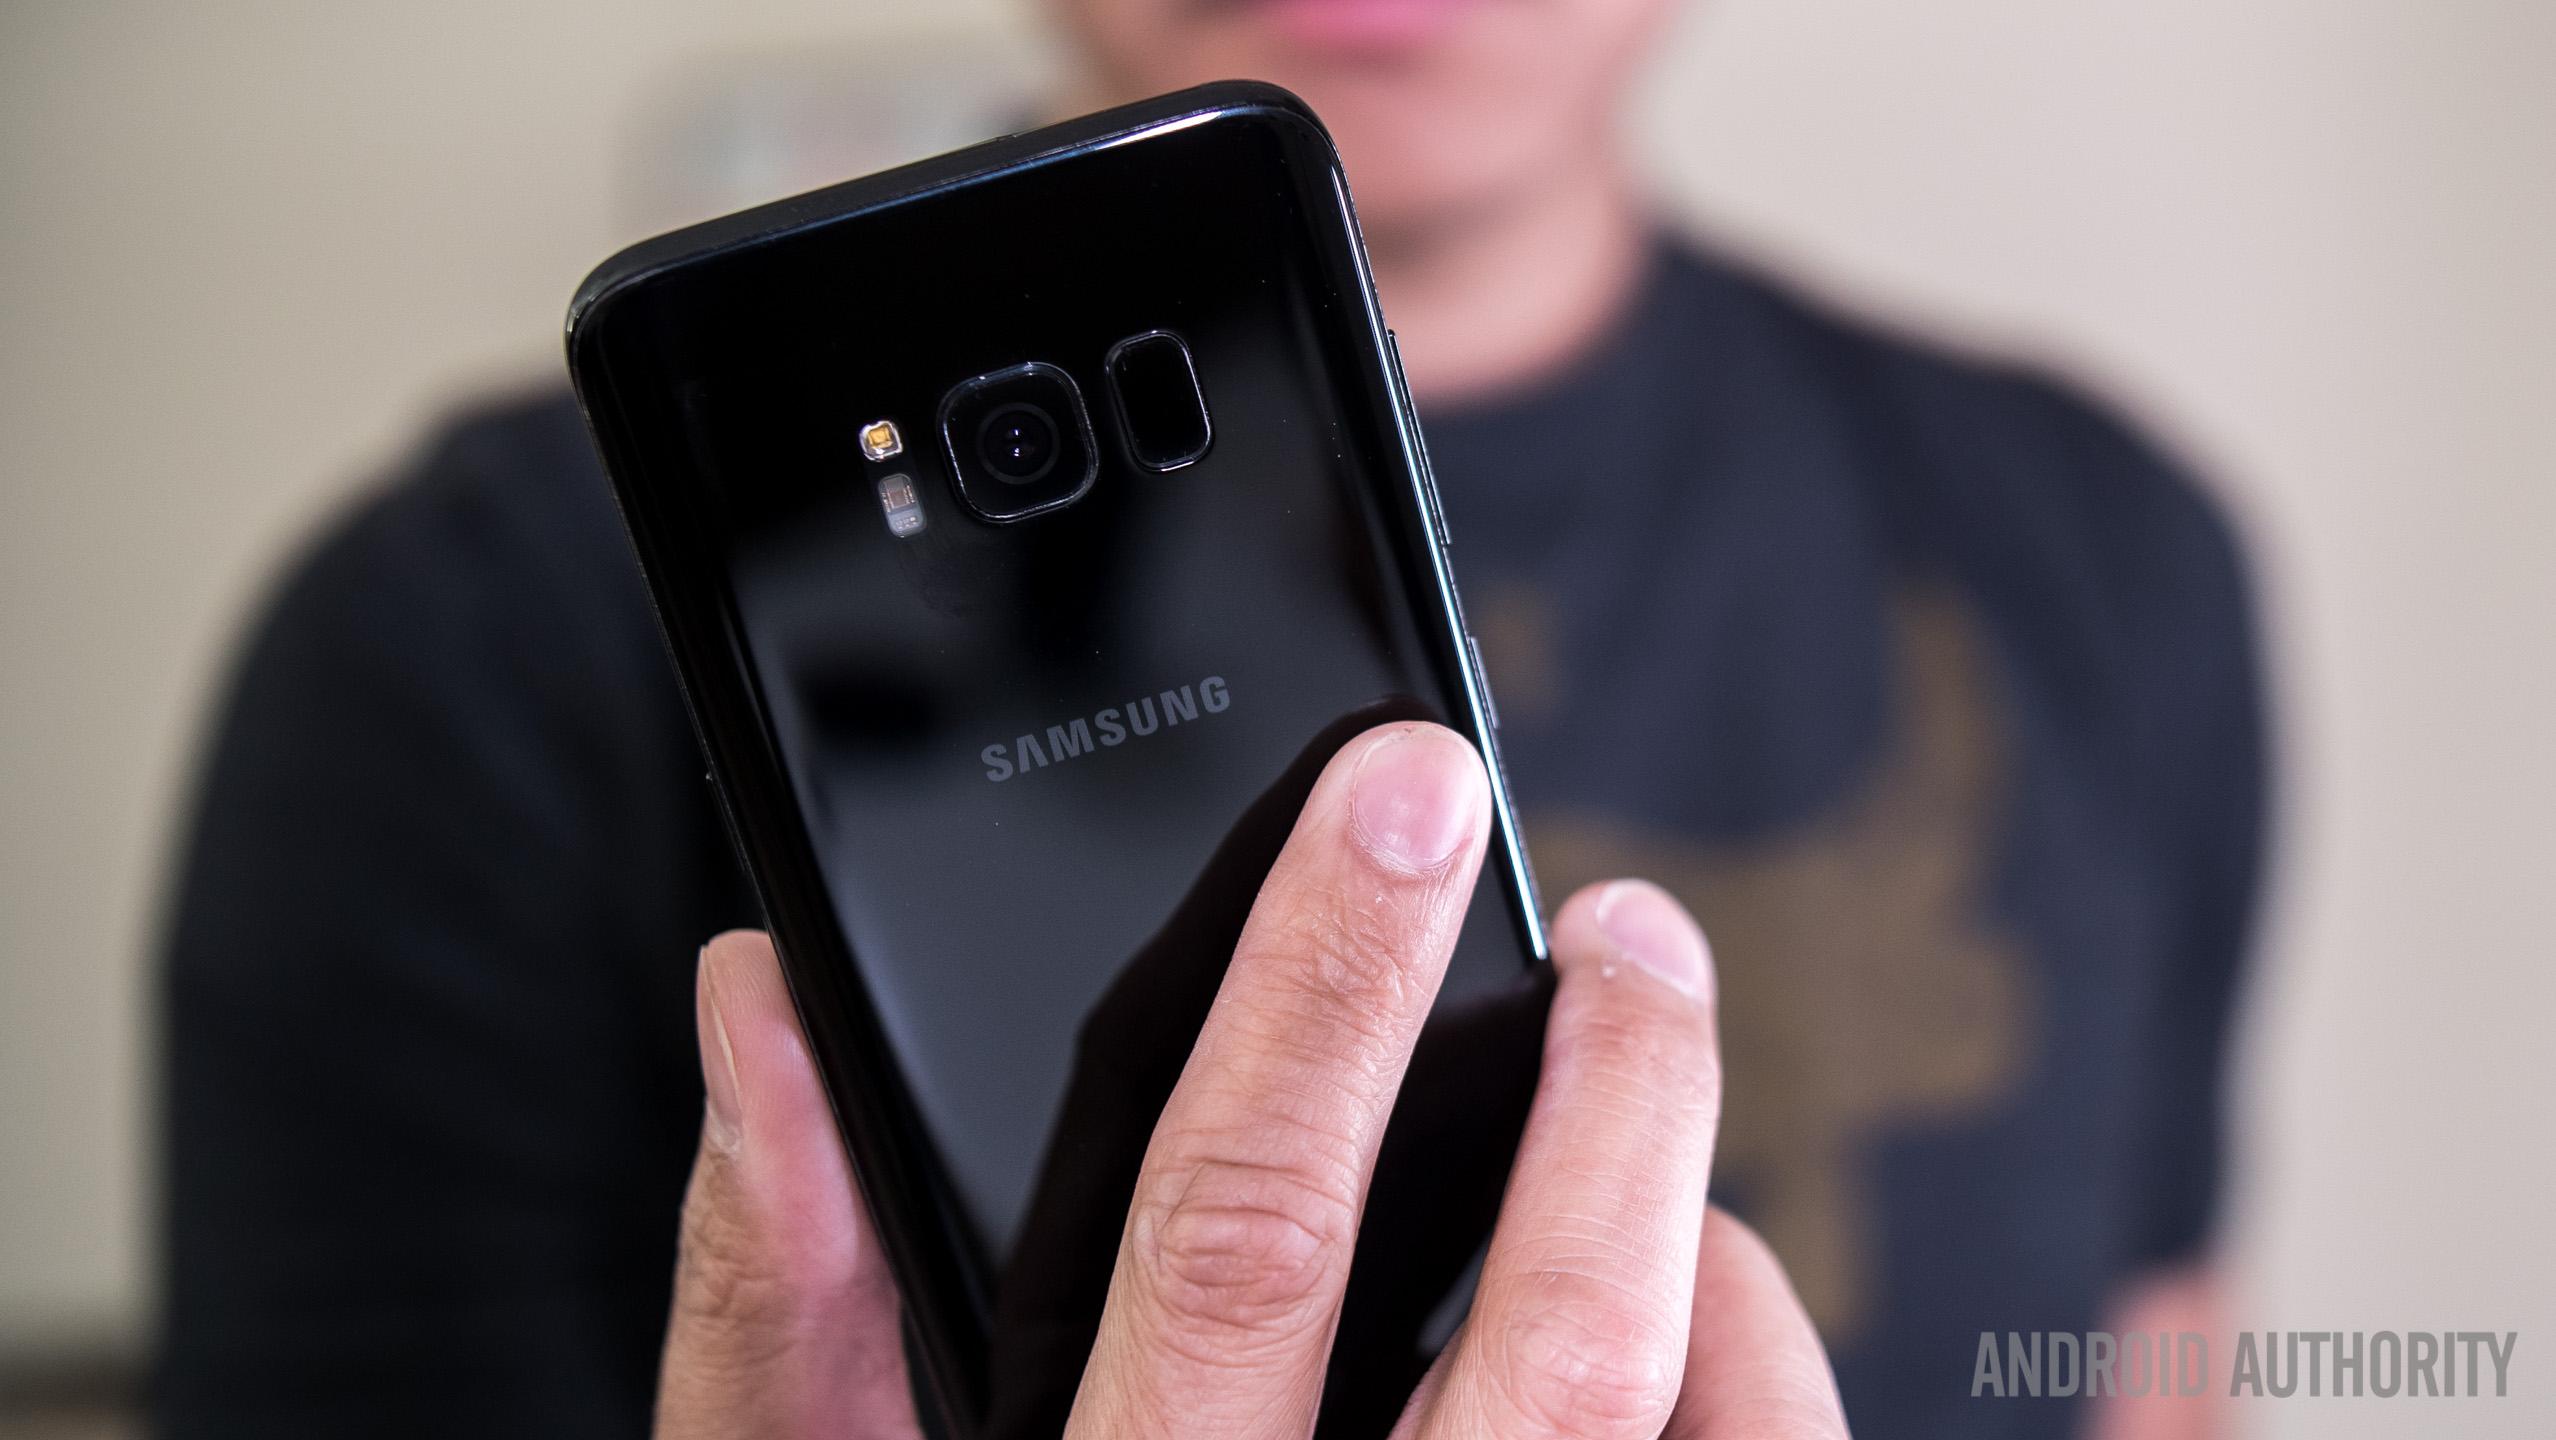 Galaxy S9 vs Galaxy S8